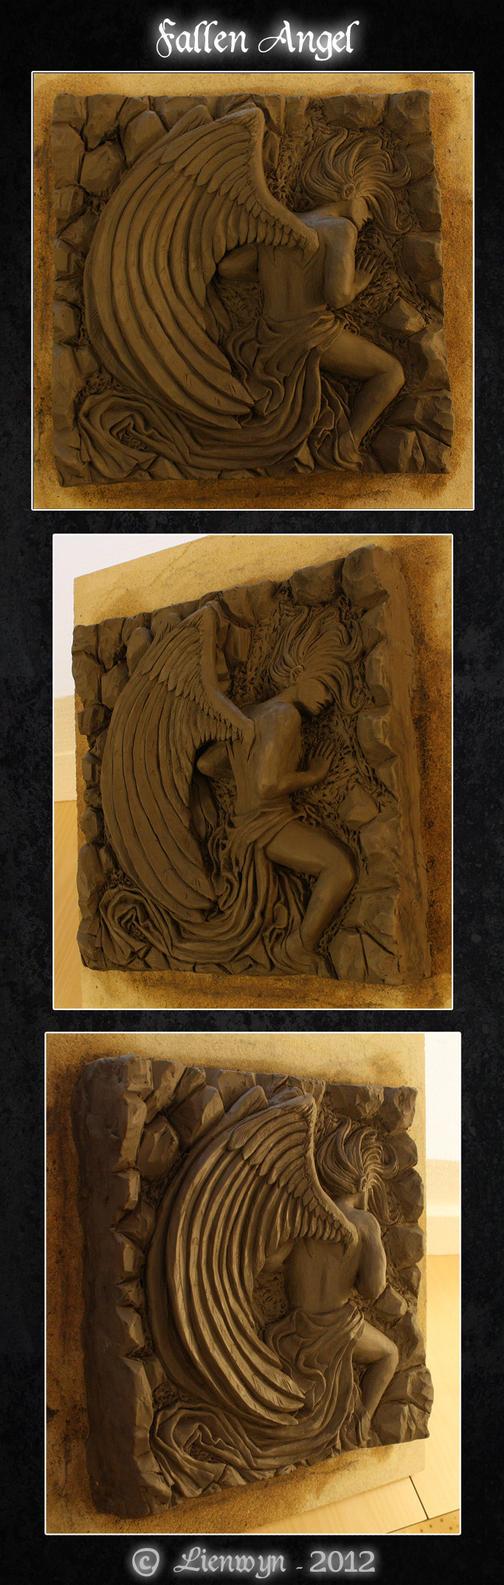 Fallen Angel Relief by Lienwyn